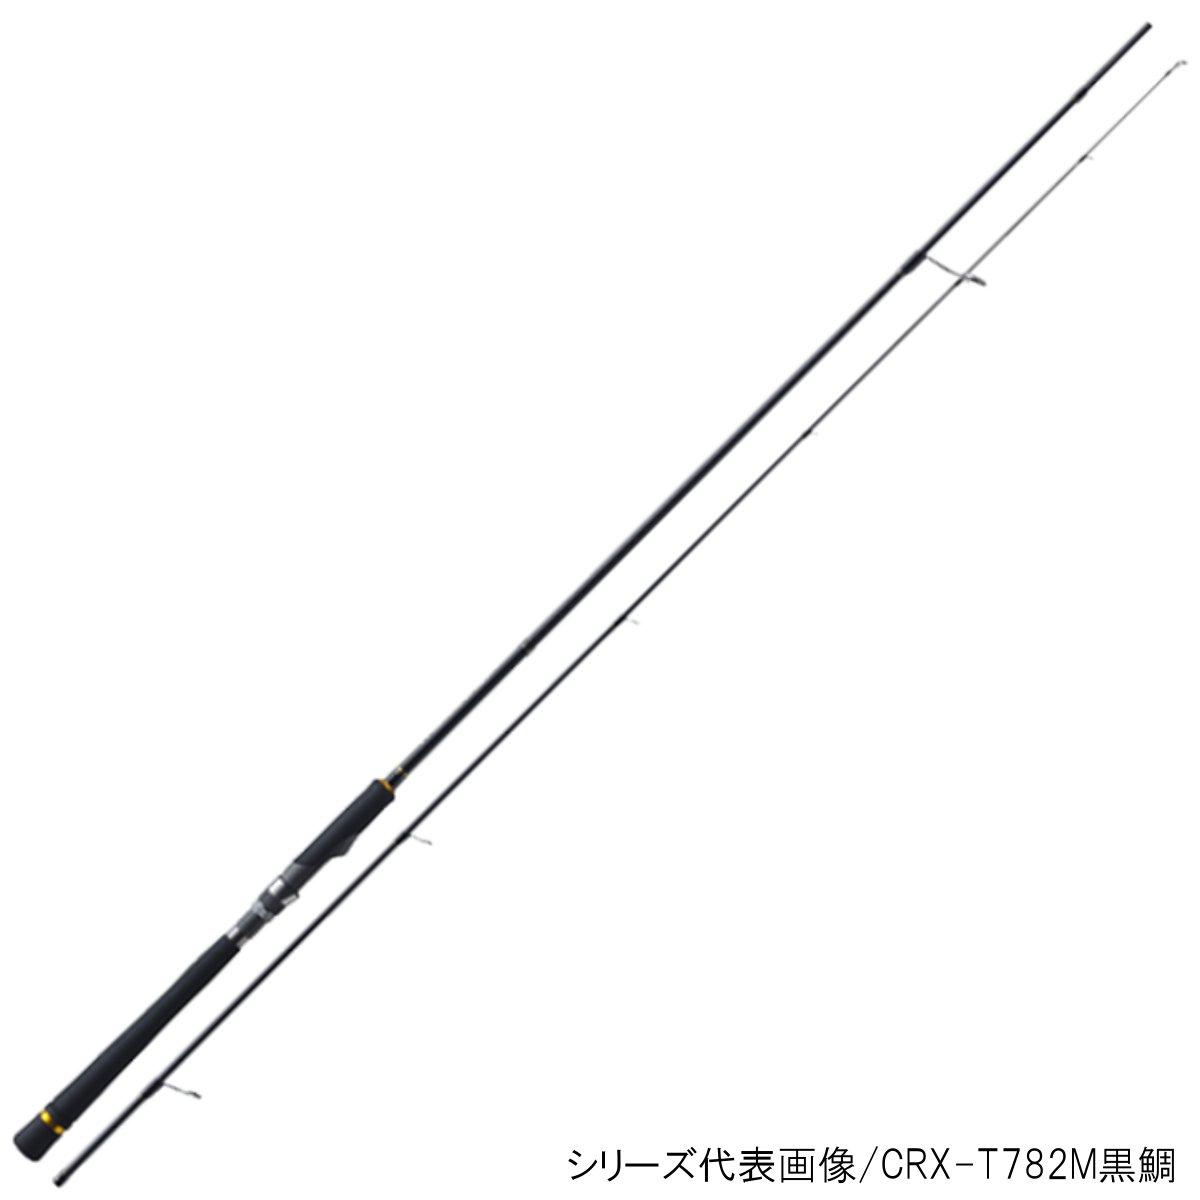 メジャークラフト クロステージ CRX-T802ML黒鯛【送料無料】